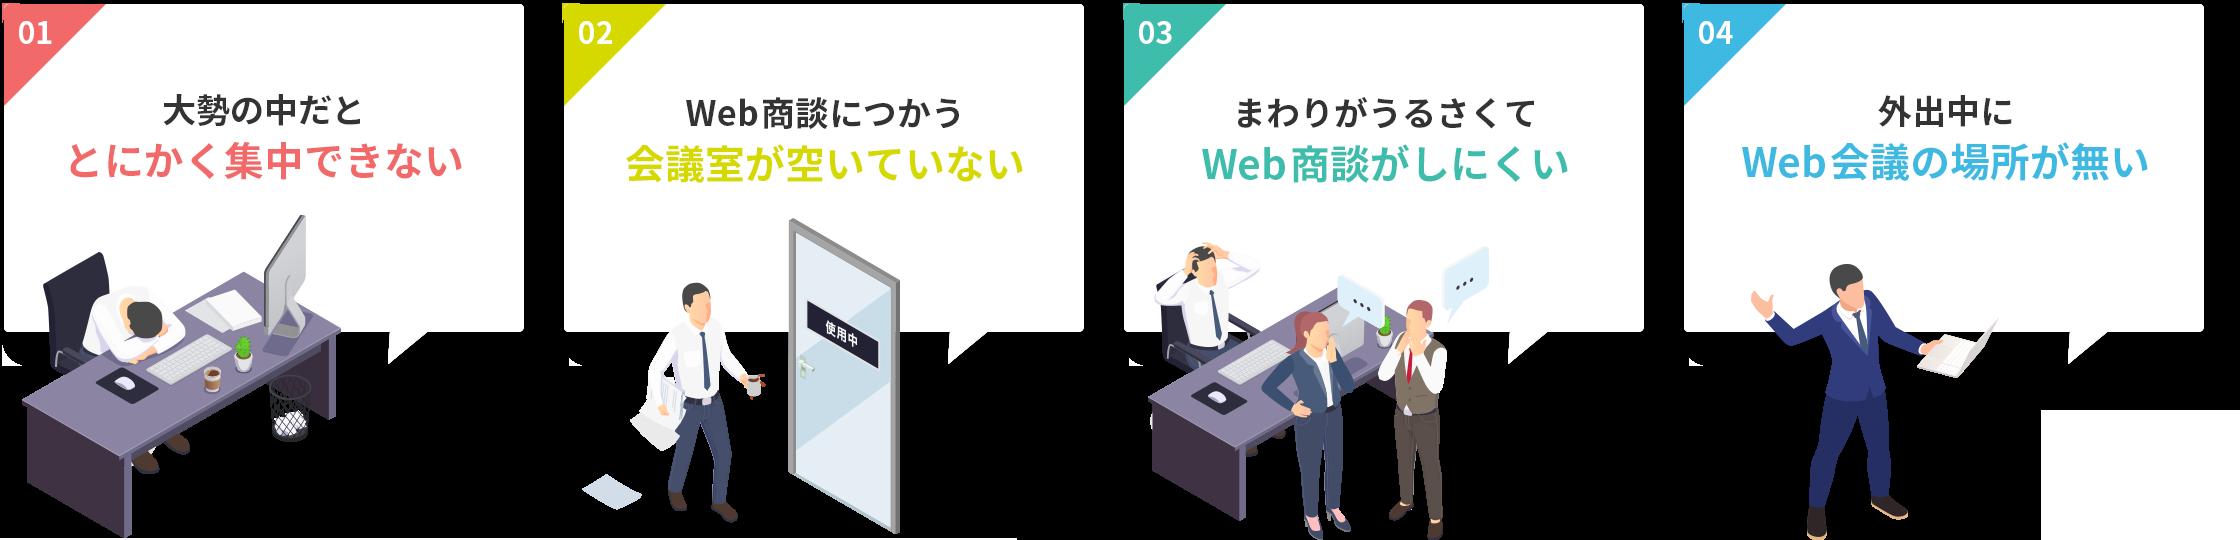 1:大勢の中だととにかく集中できない 2:Web商談につかう会議室が空いていない 3:周りがうるさくてWeb商談がしにくい 4:外出中にWeb会議の場所が無い